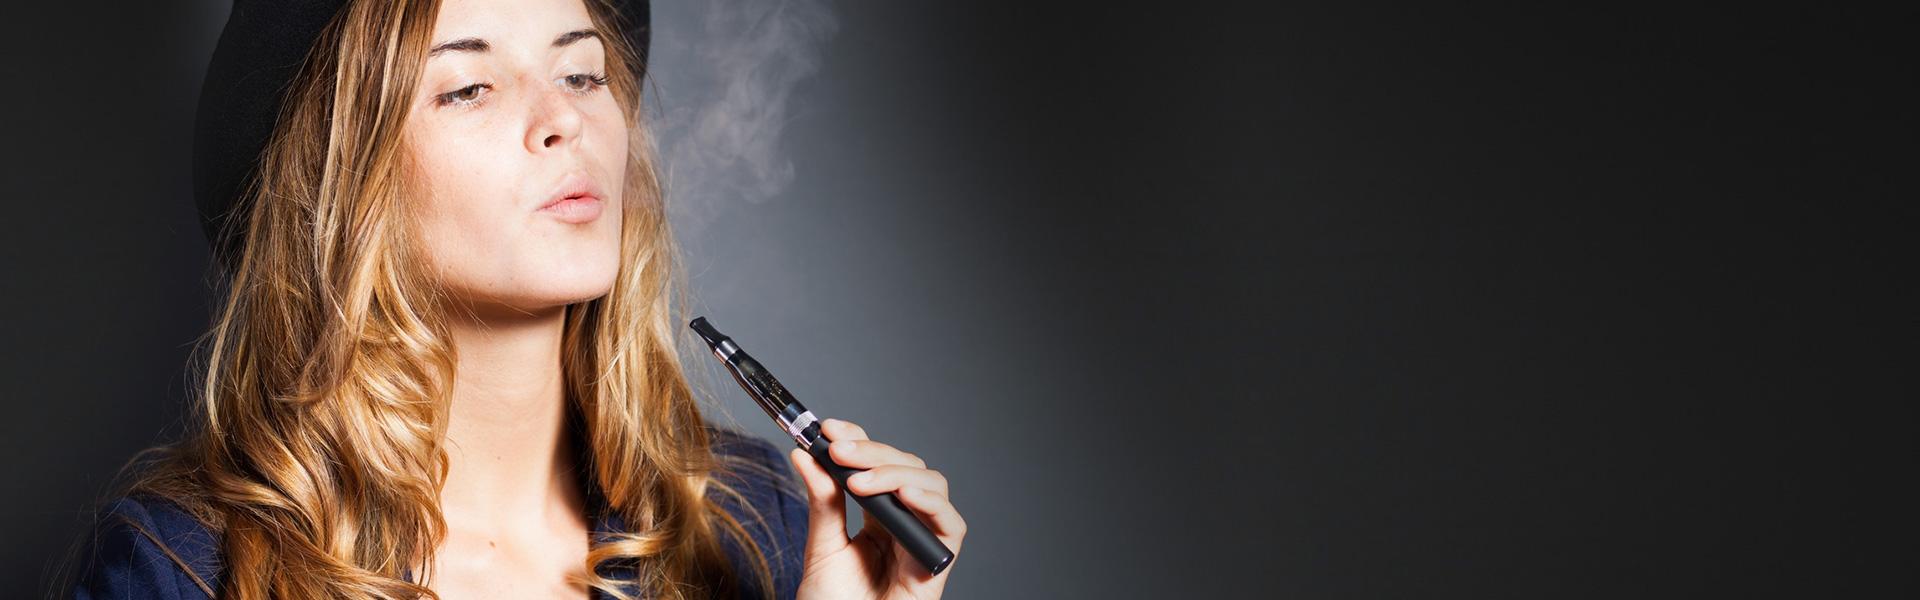 E-cigarette-et-sante